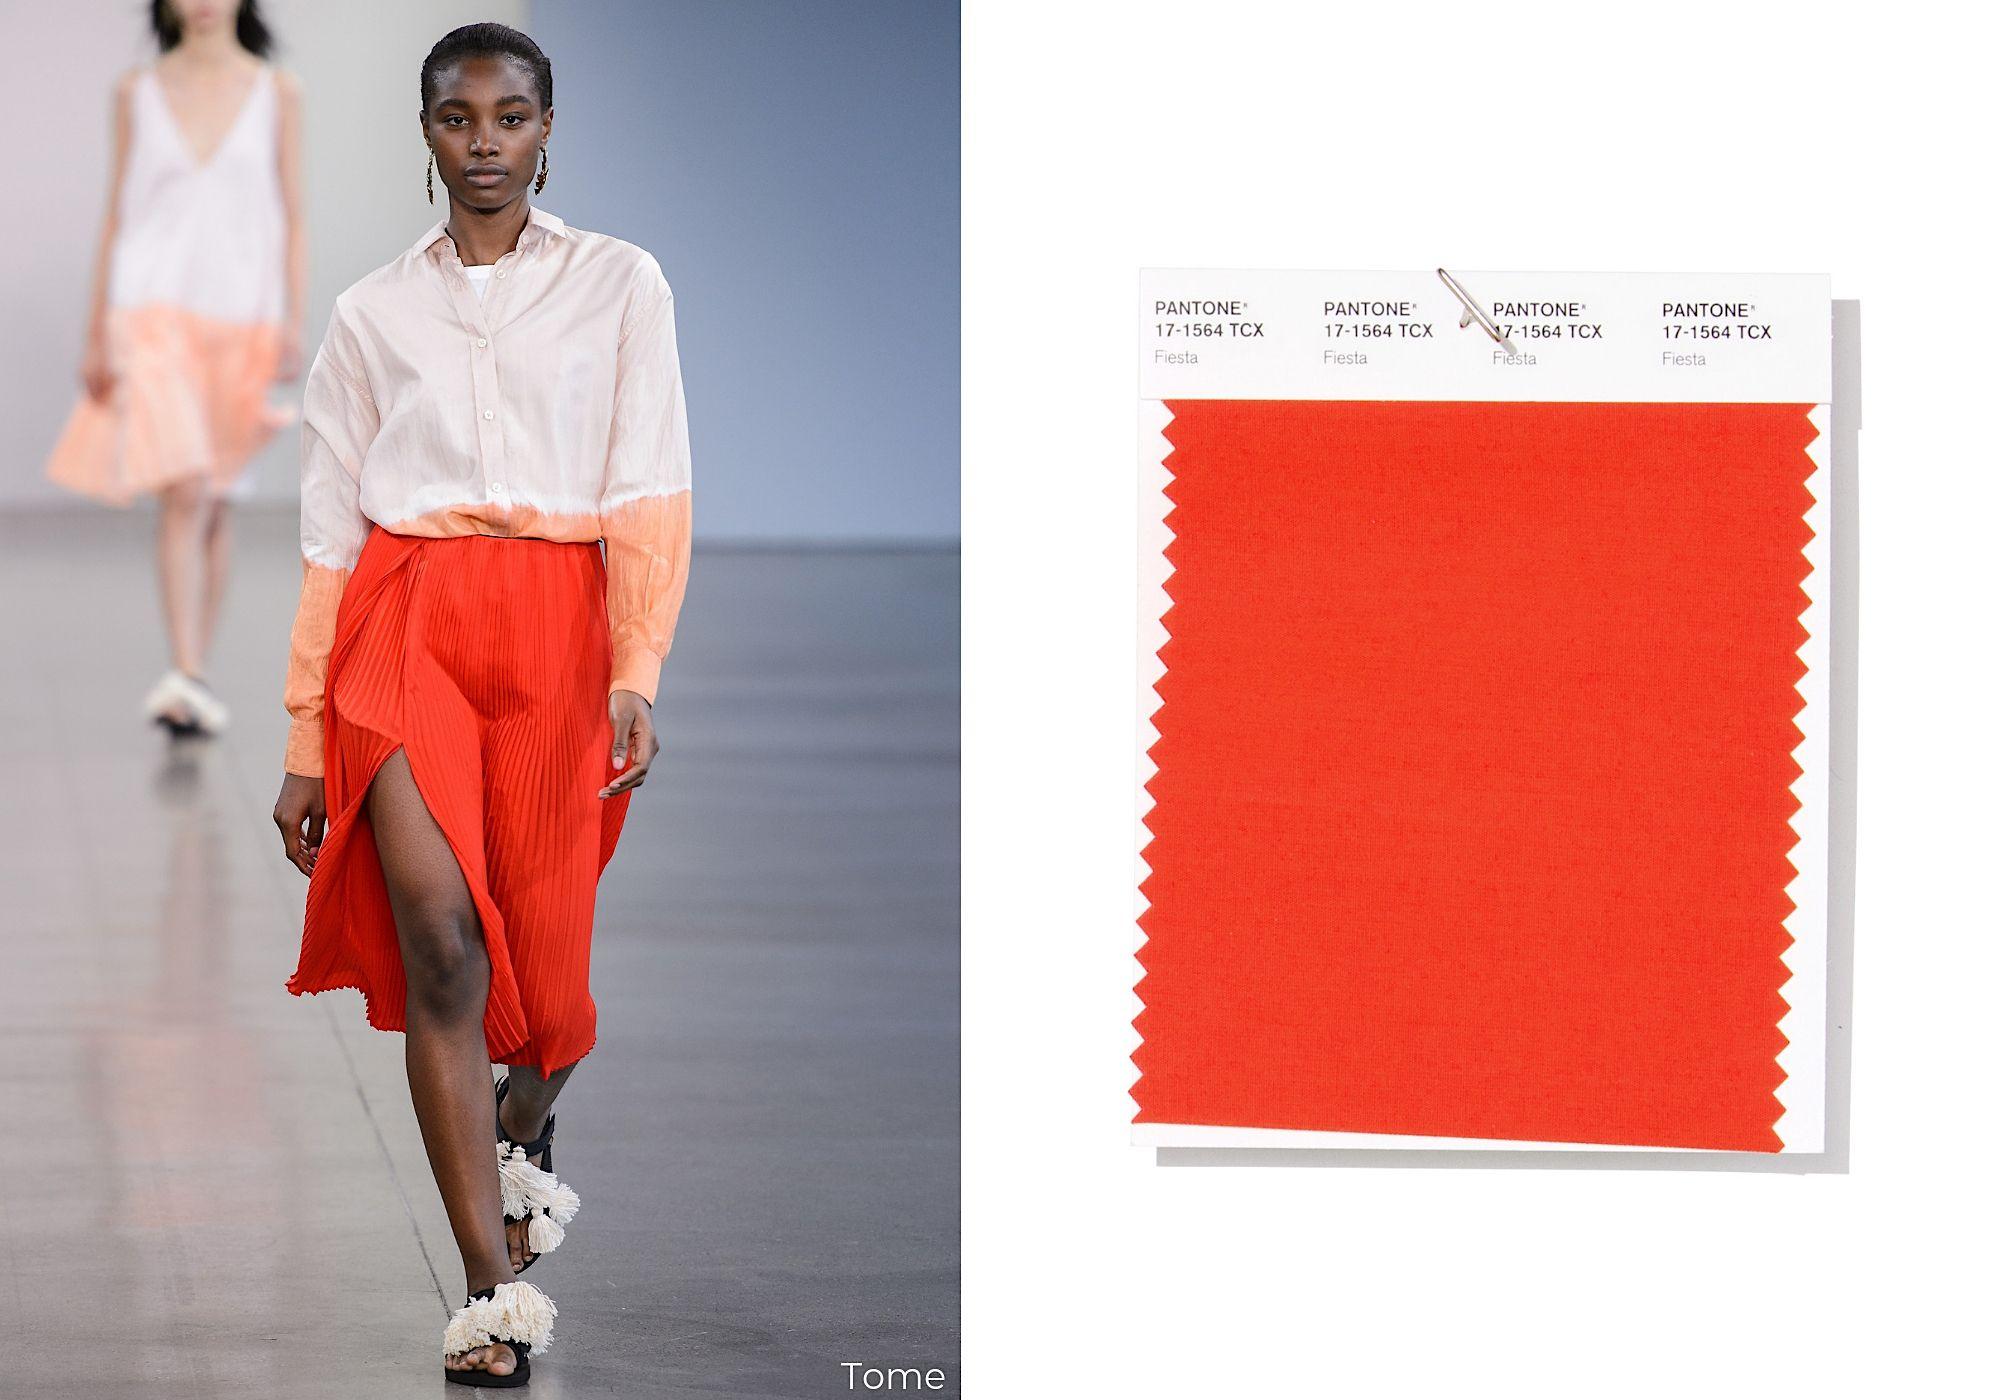 colori moda 2019, colori di tendenza 2019, colori primavera estate 2019, colori  moda